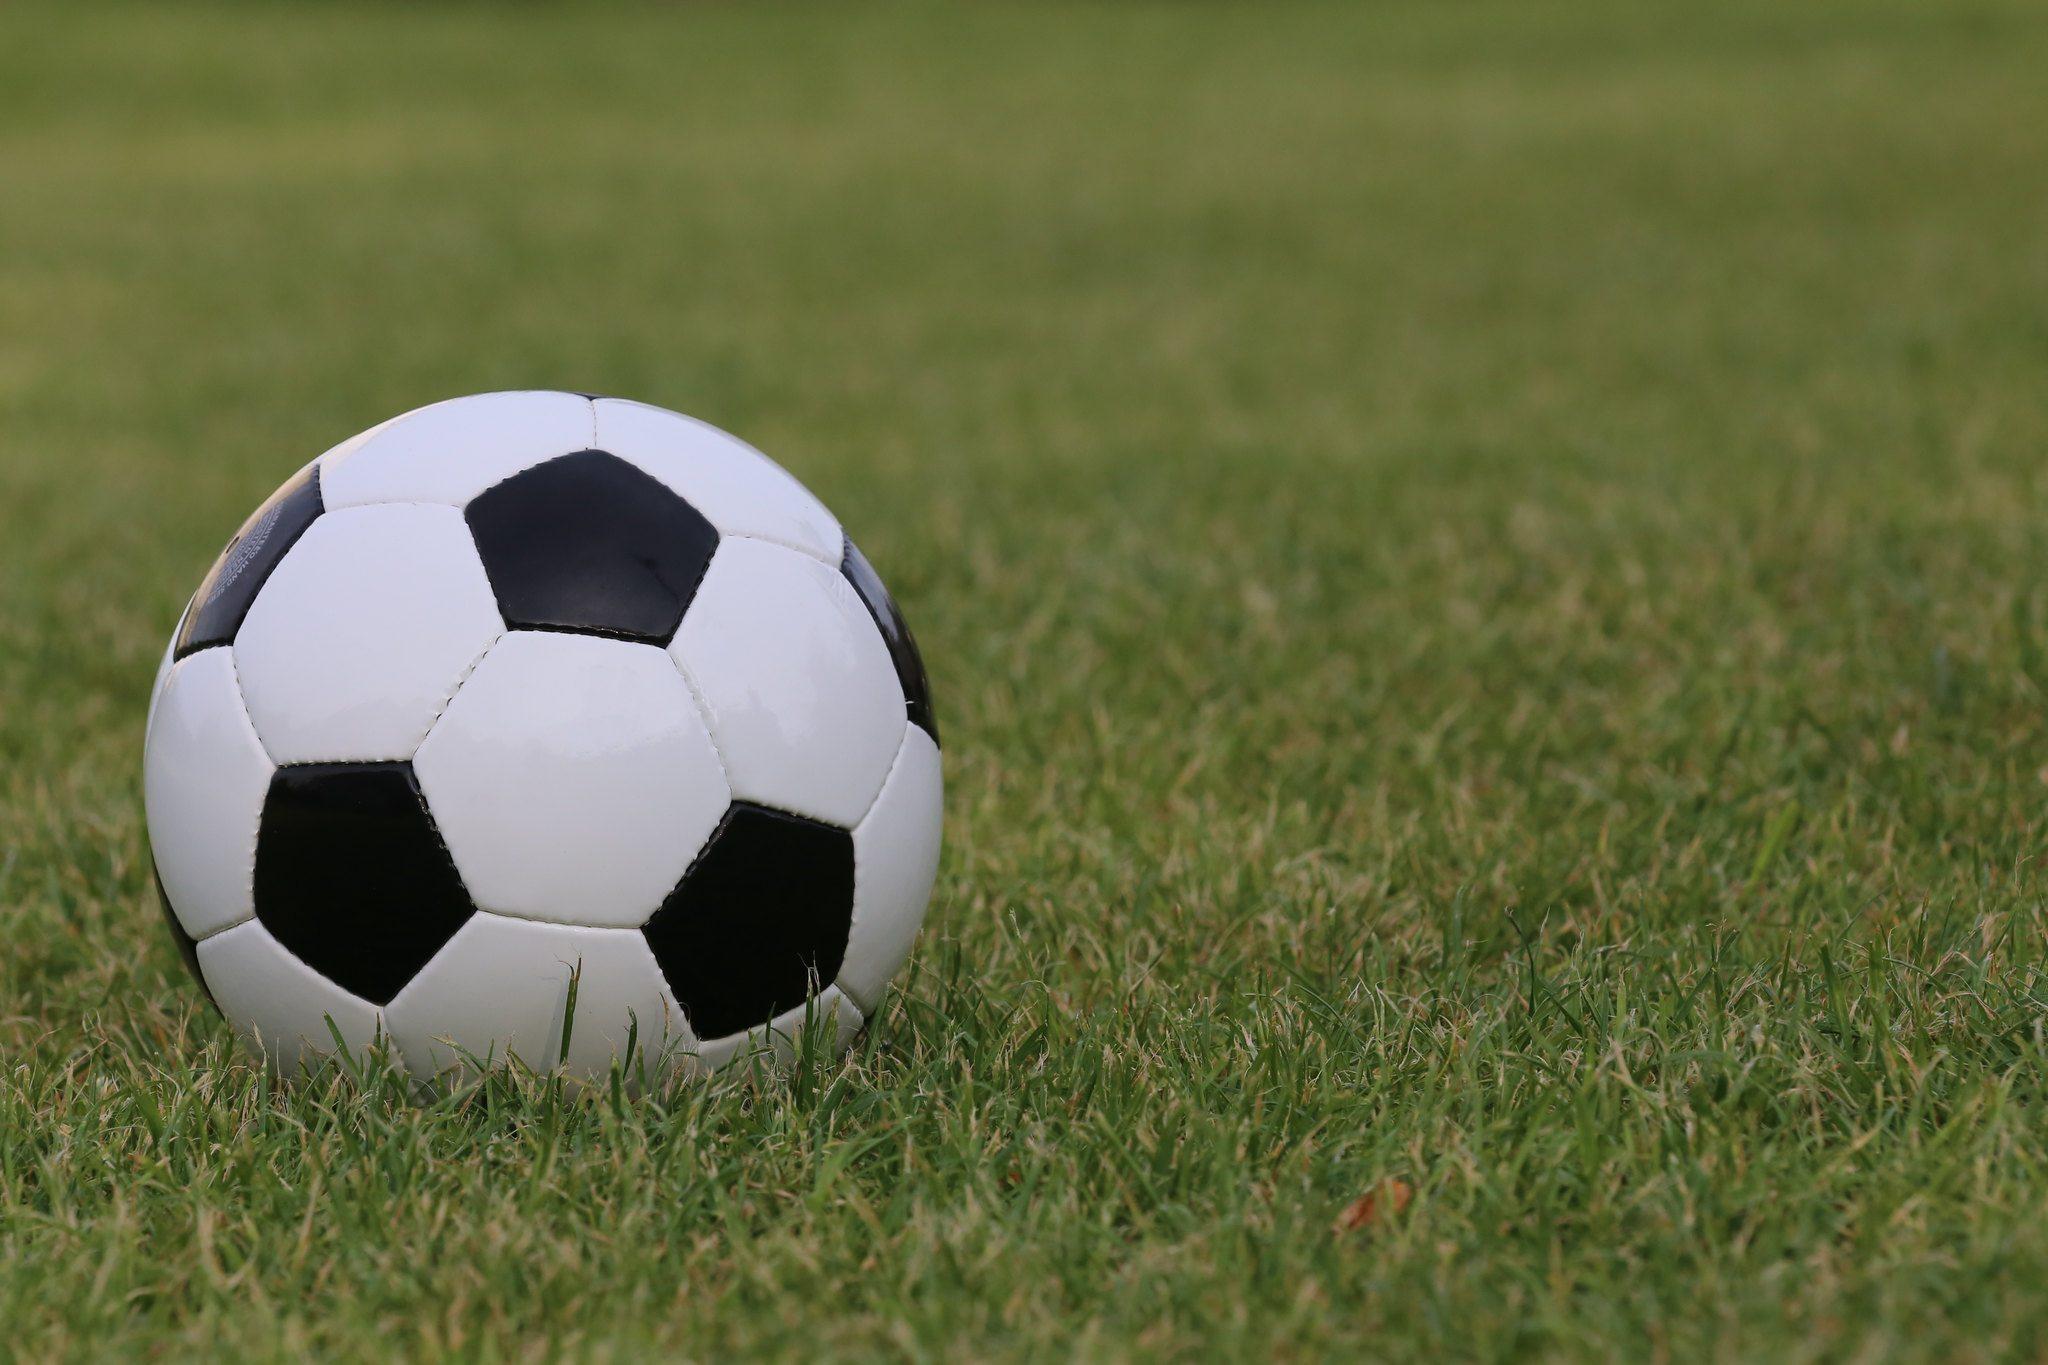 Fußball liegt auf Rasen